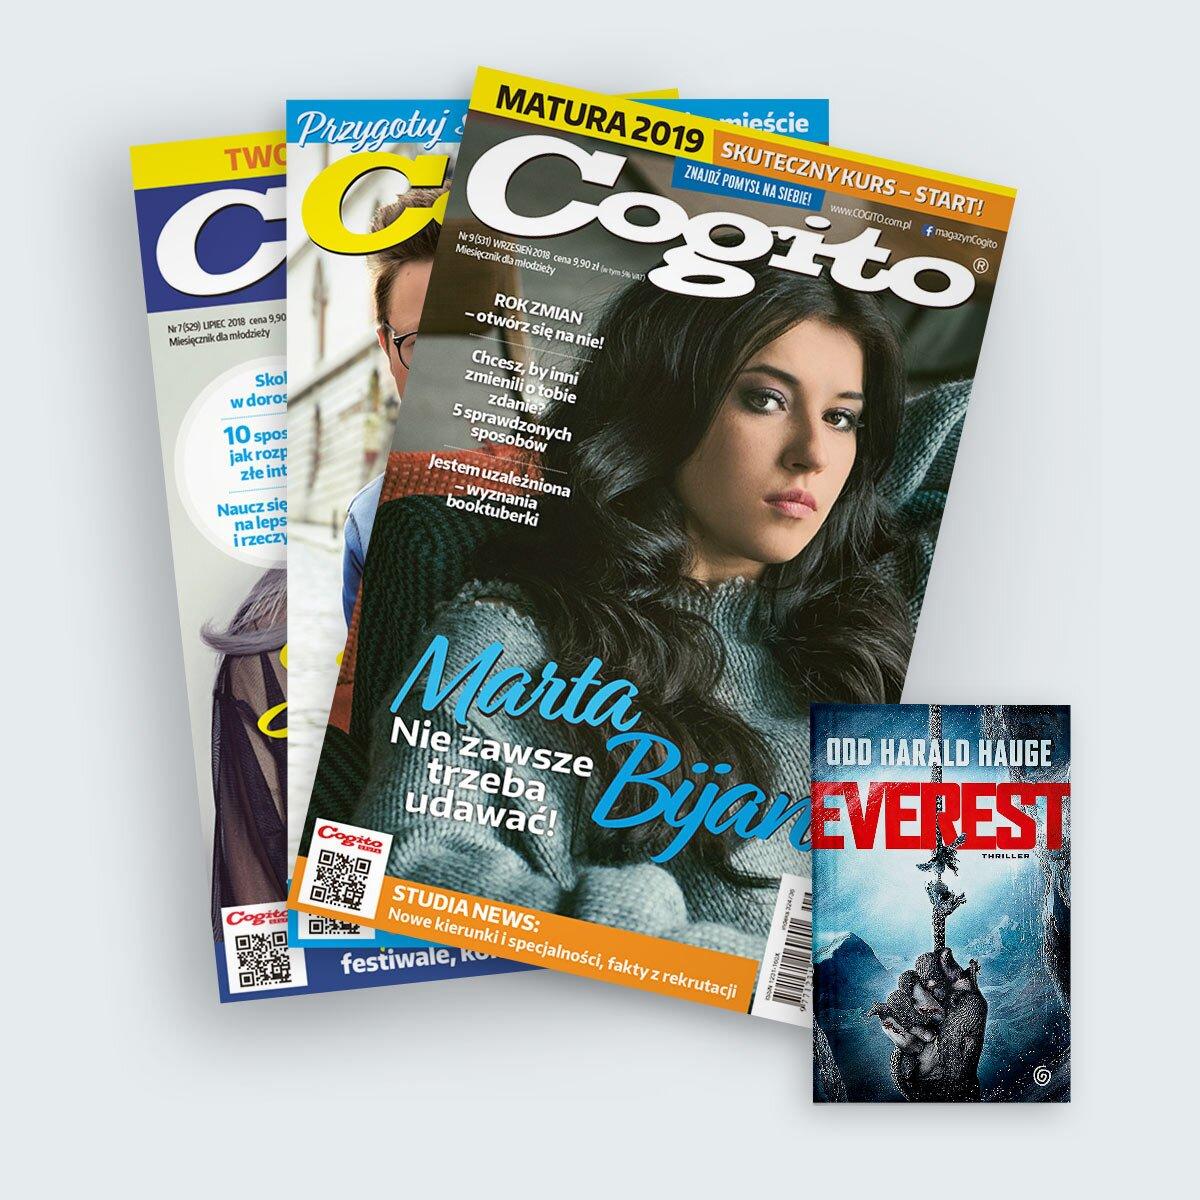 Cogito prenumerata roczna z książką w prezencie Everest